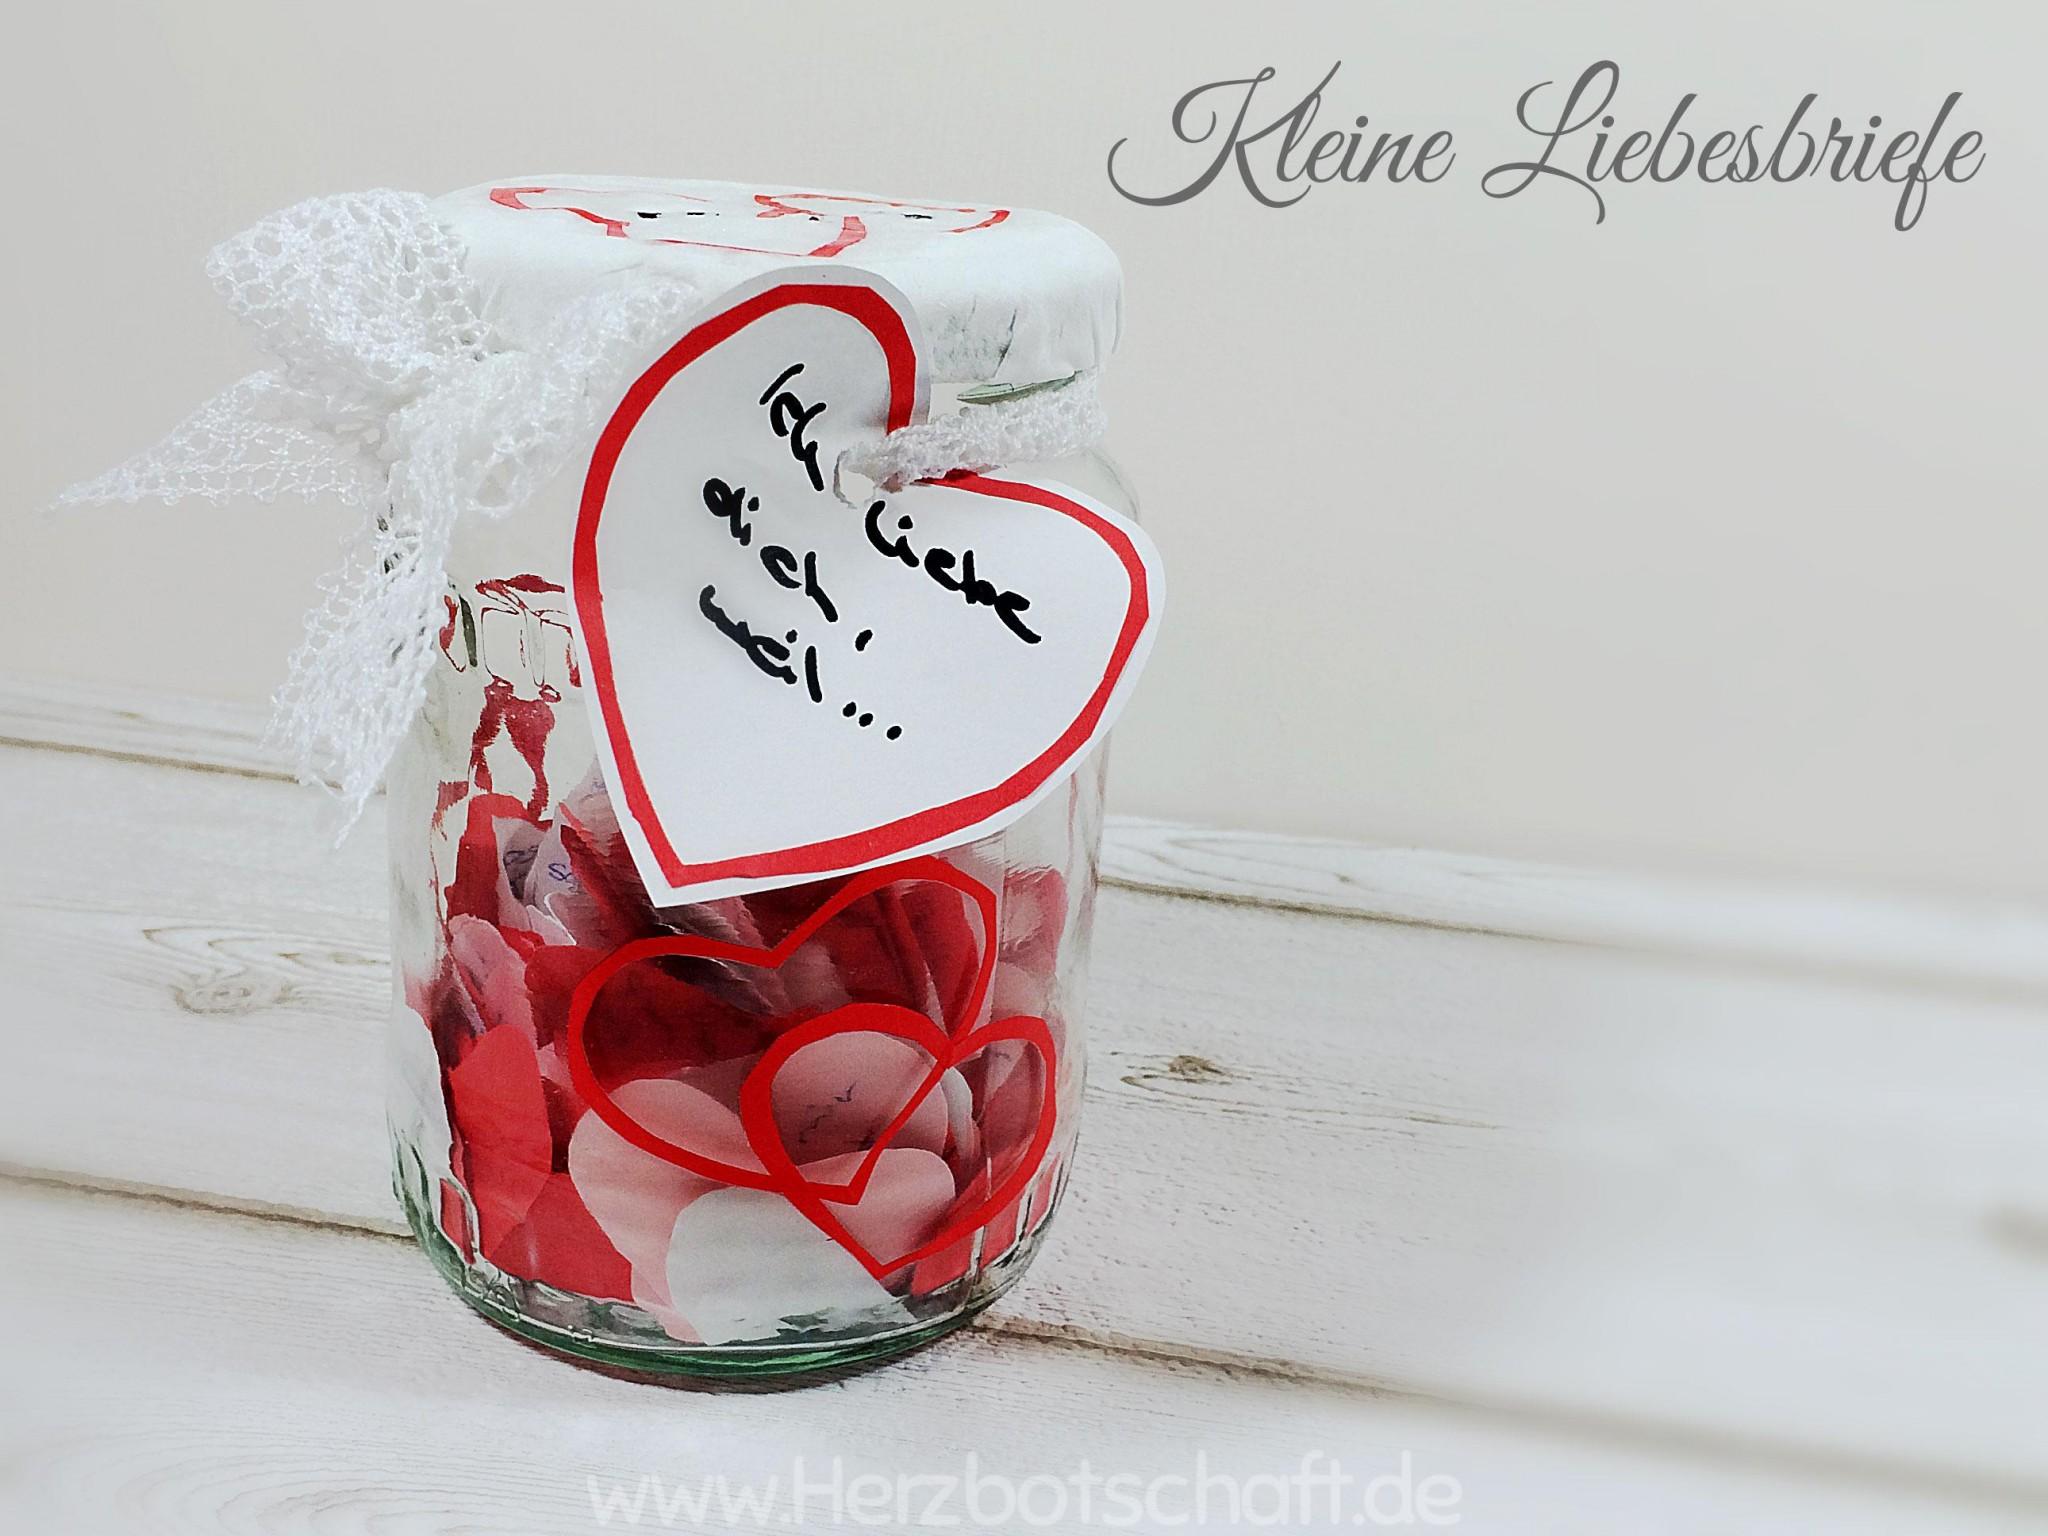 Romantische Briefe Für Ihn : Romantische liebesbriefe für ihn schreiben zum valentins